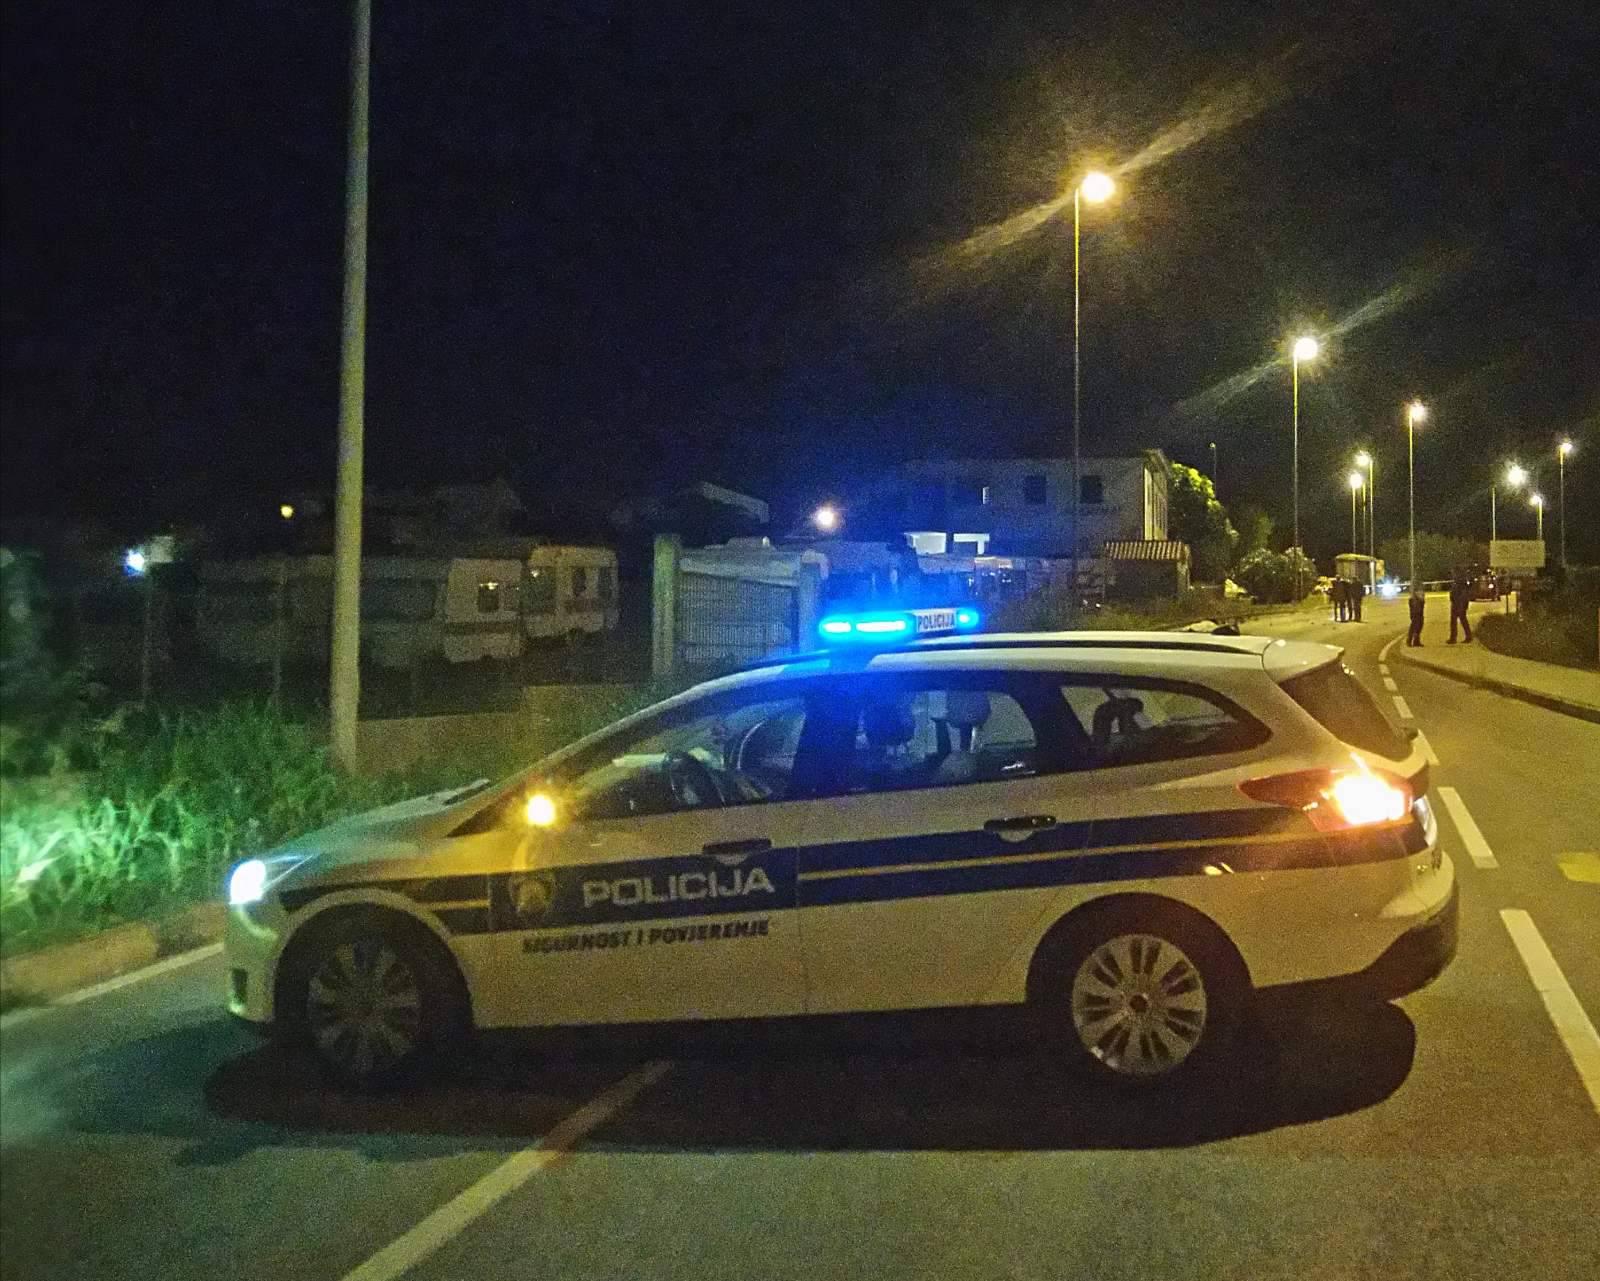 Pijani Švicarac bježao policiji u Poreču, pa još vrijeđao policajce